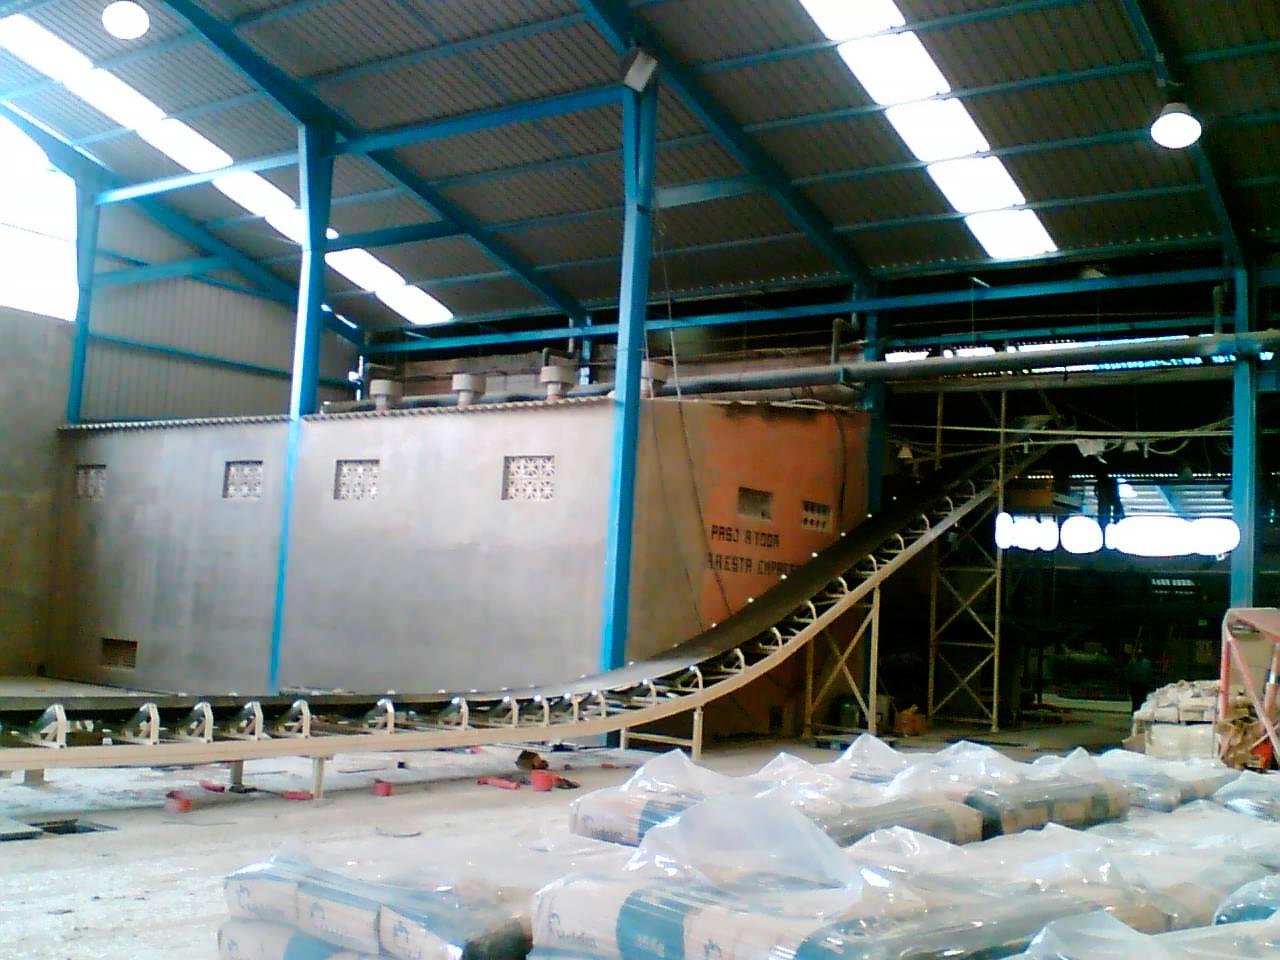 K2Ingenieros Ingeniería (Naves) - Fca Bovedillas